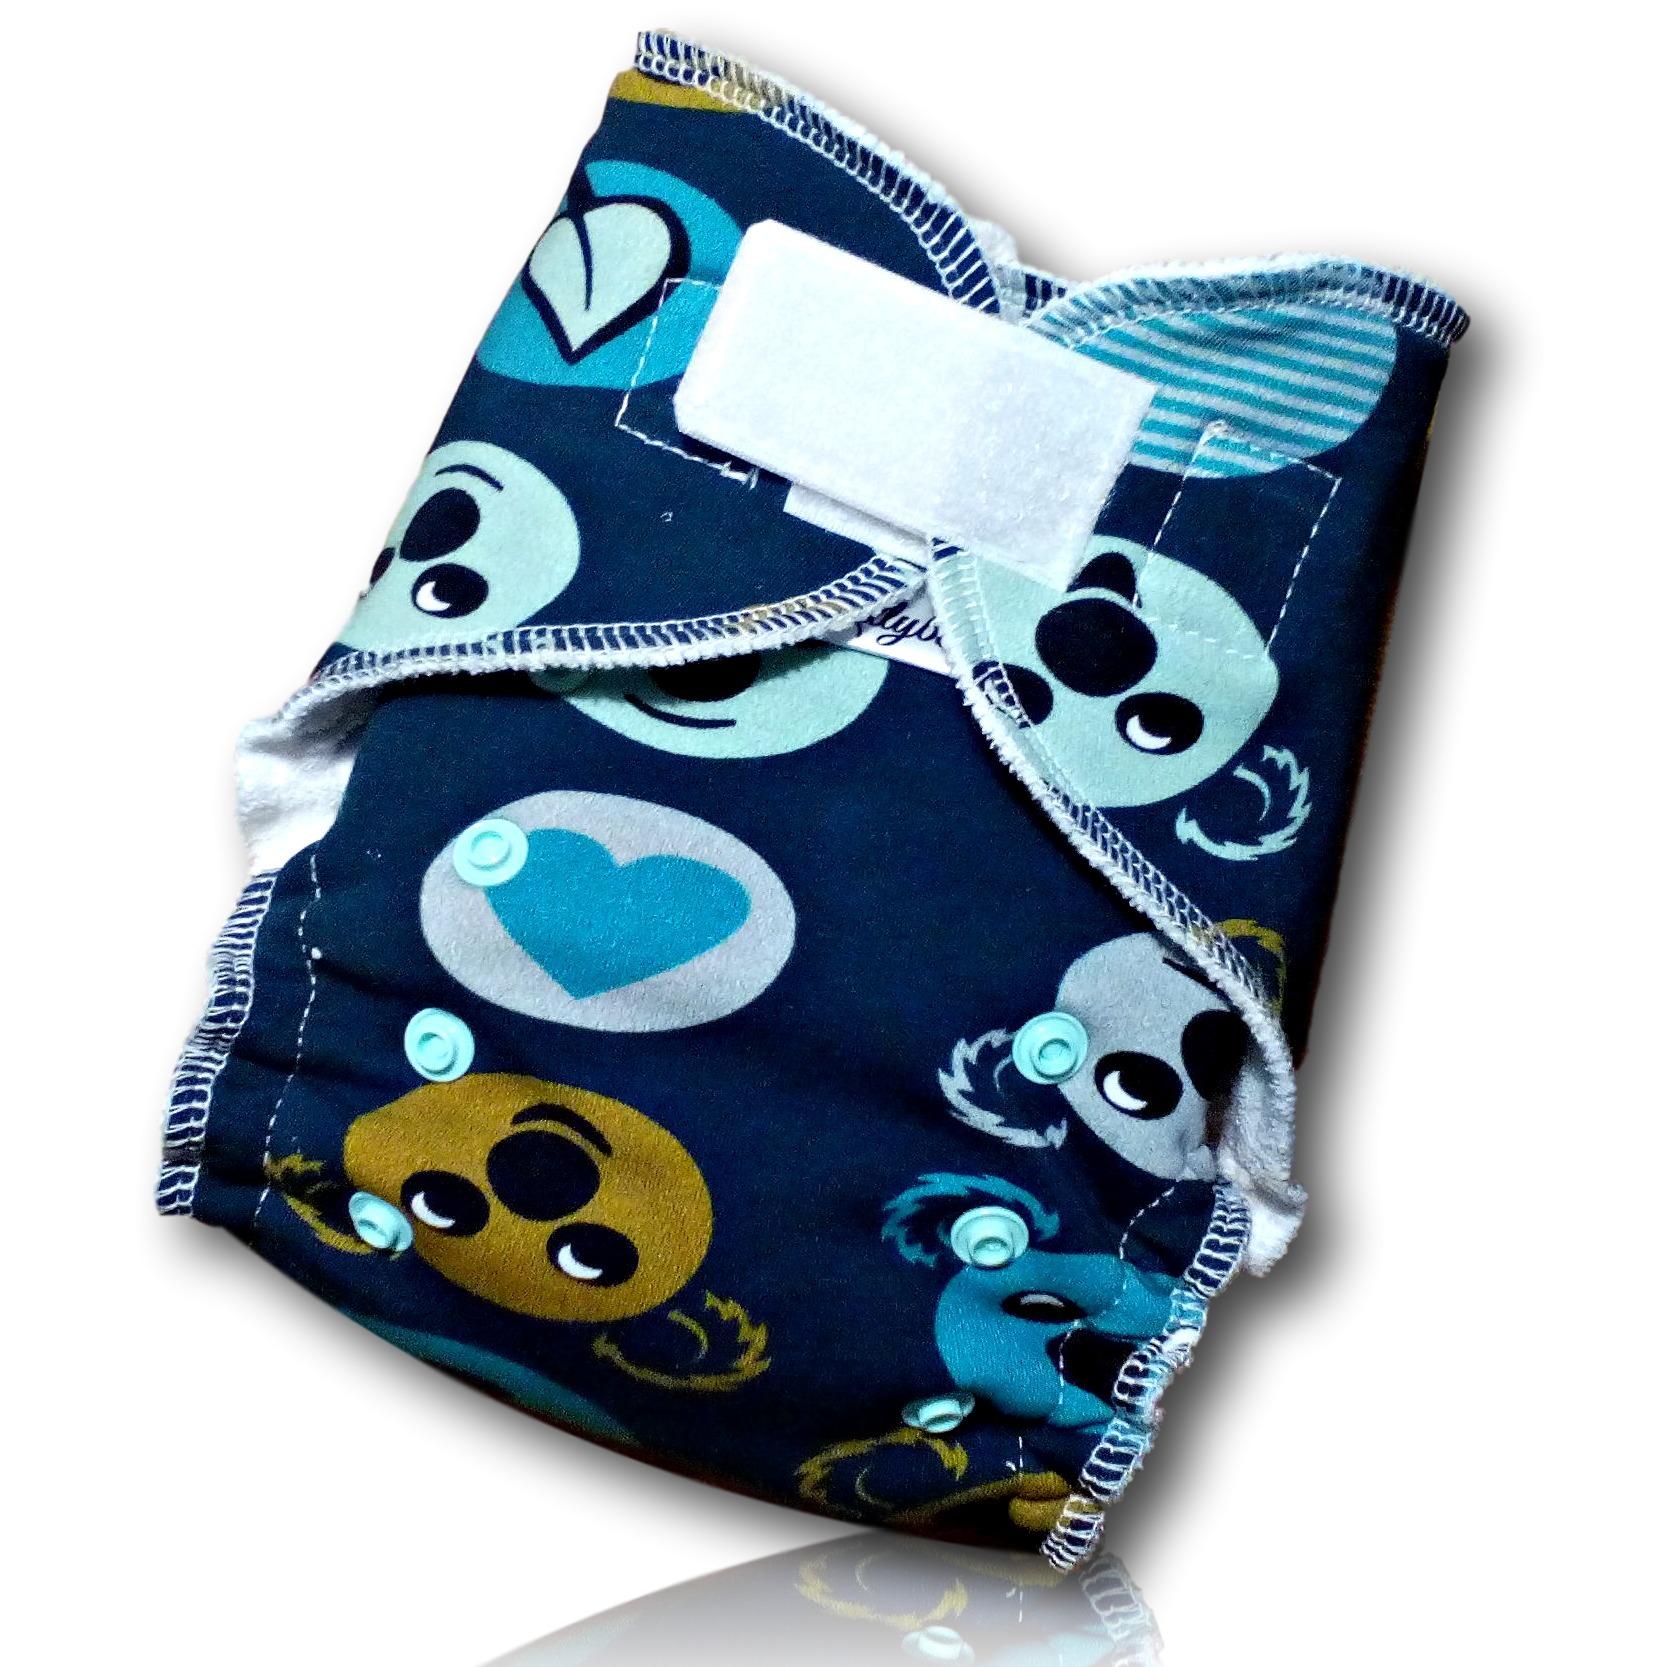 Kalhotová plena Lillybe na suchý zip - Koaly (Jenovelikostní kalhotová plena na suchý zip - obsahuje dlouhou vkládací plenu)